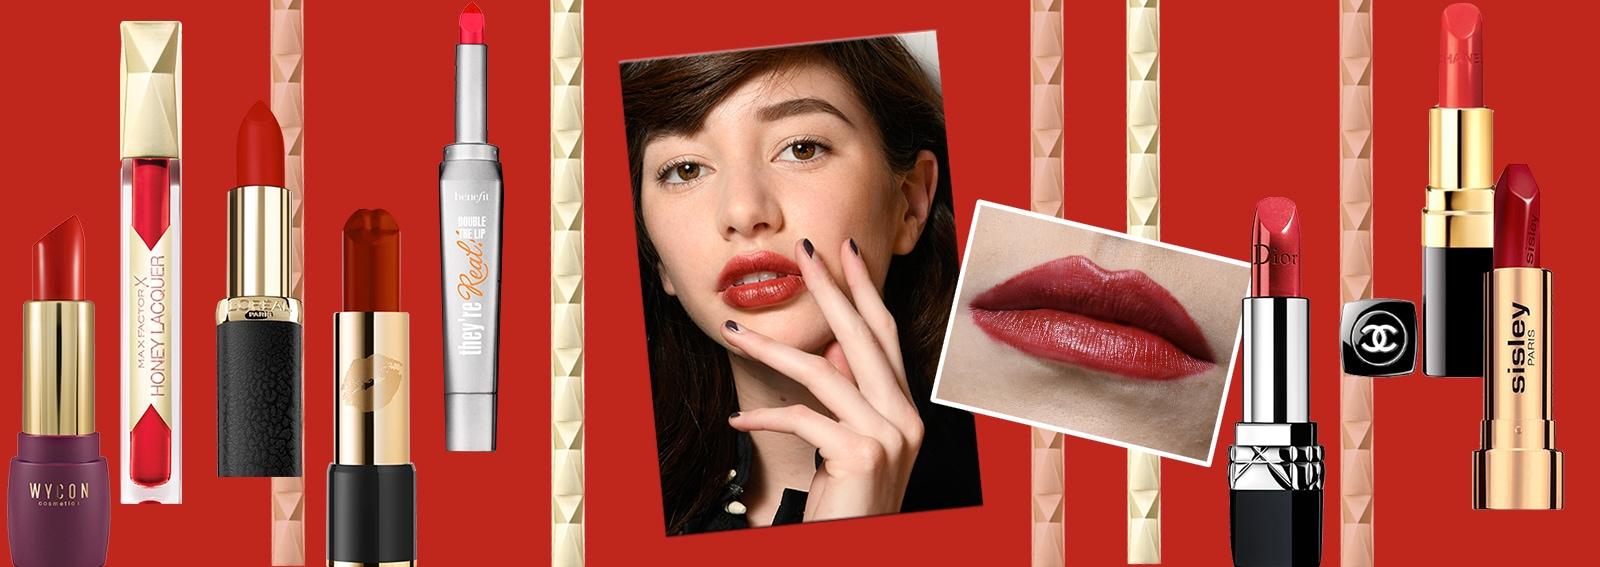 Rossetto-rosso-come-si-sceglie-la-nuance-giusta-in-base-ai-propri-colori-naturali-collage_desktop